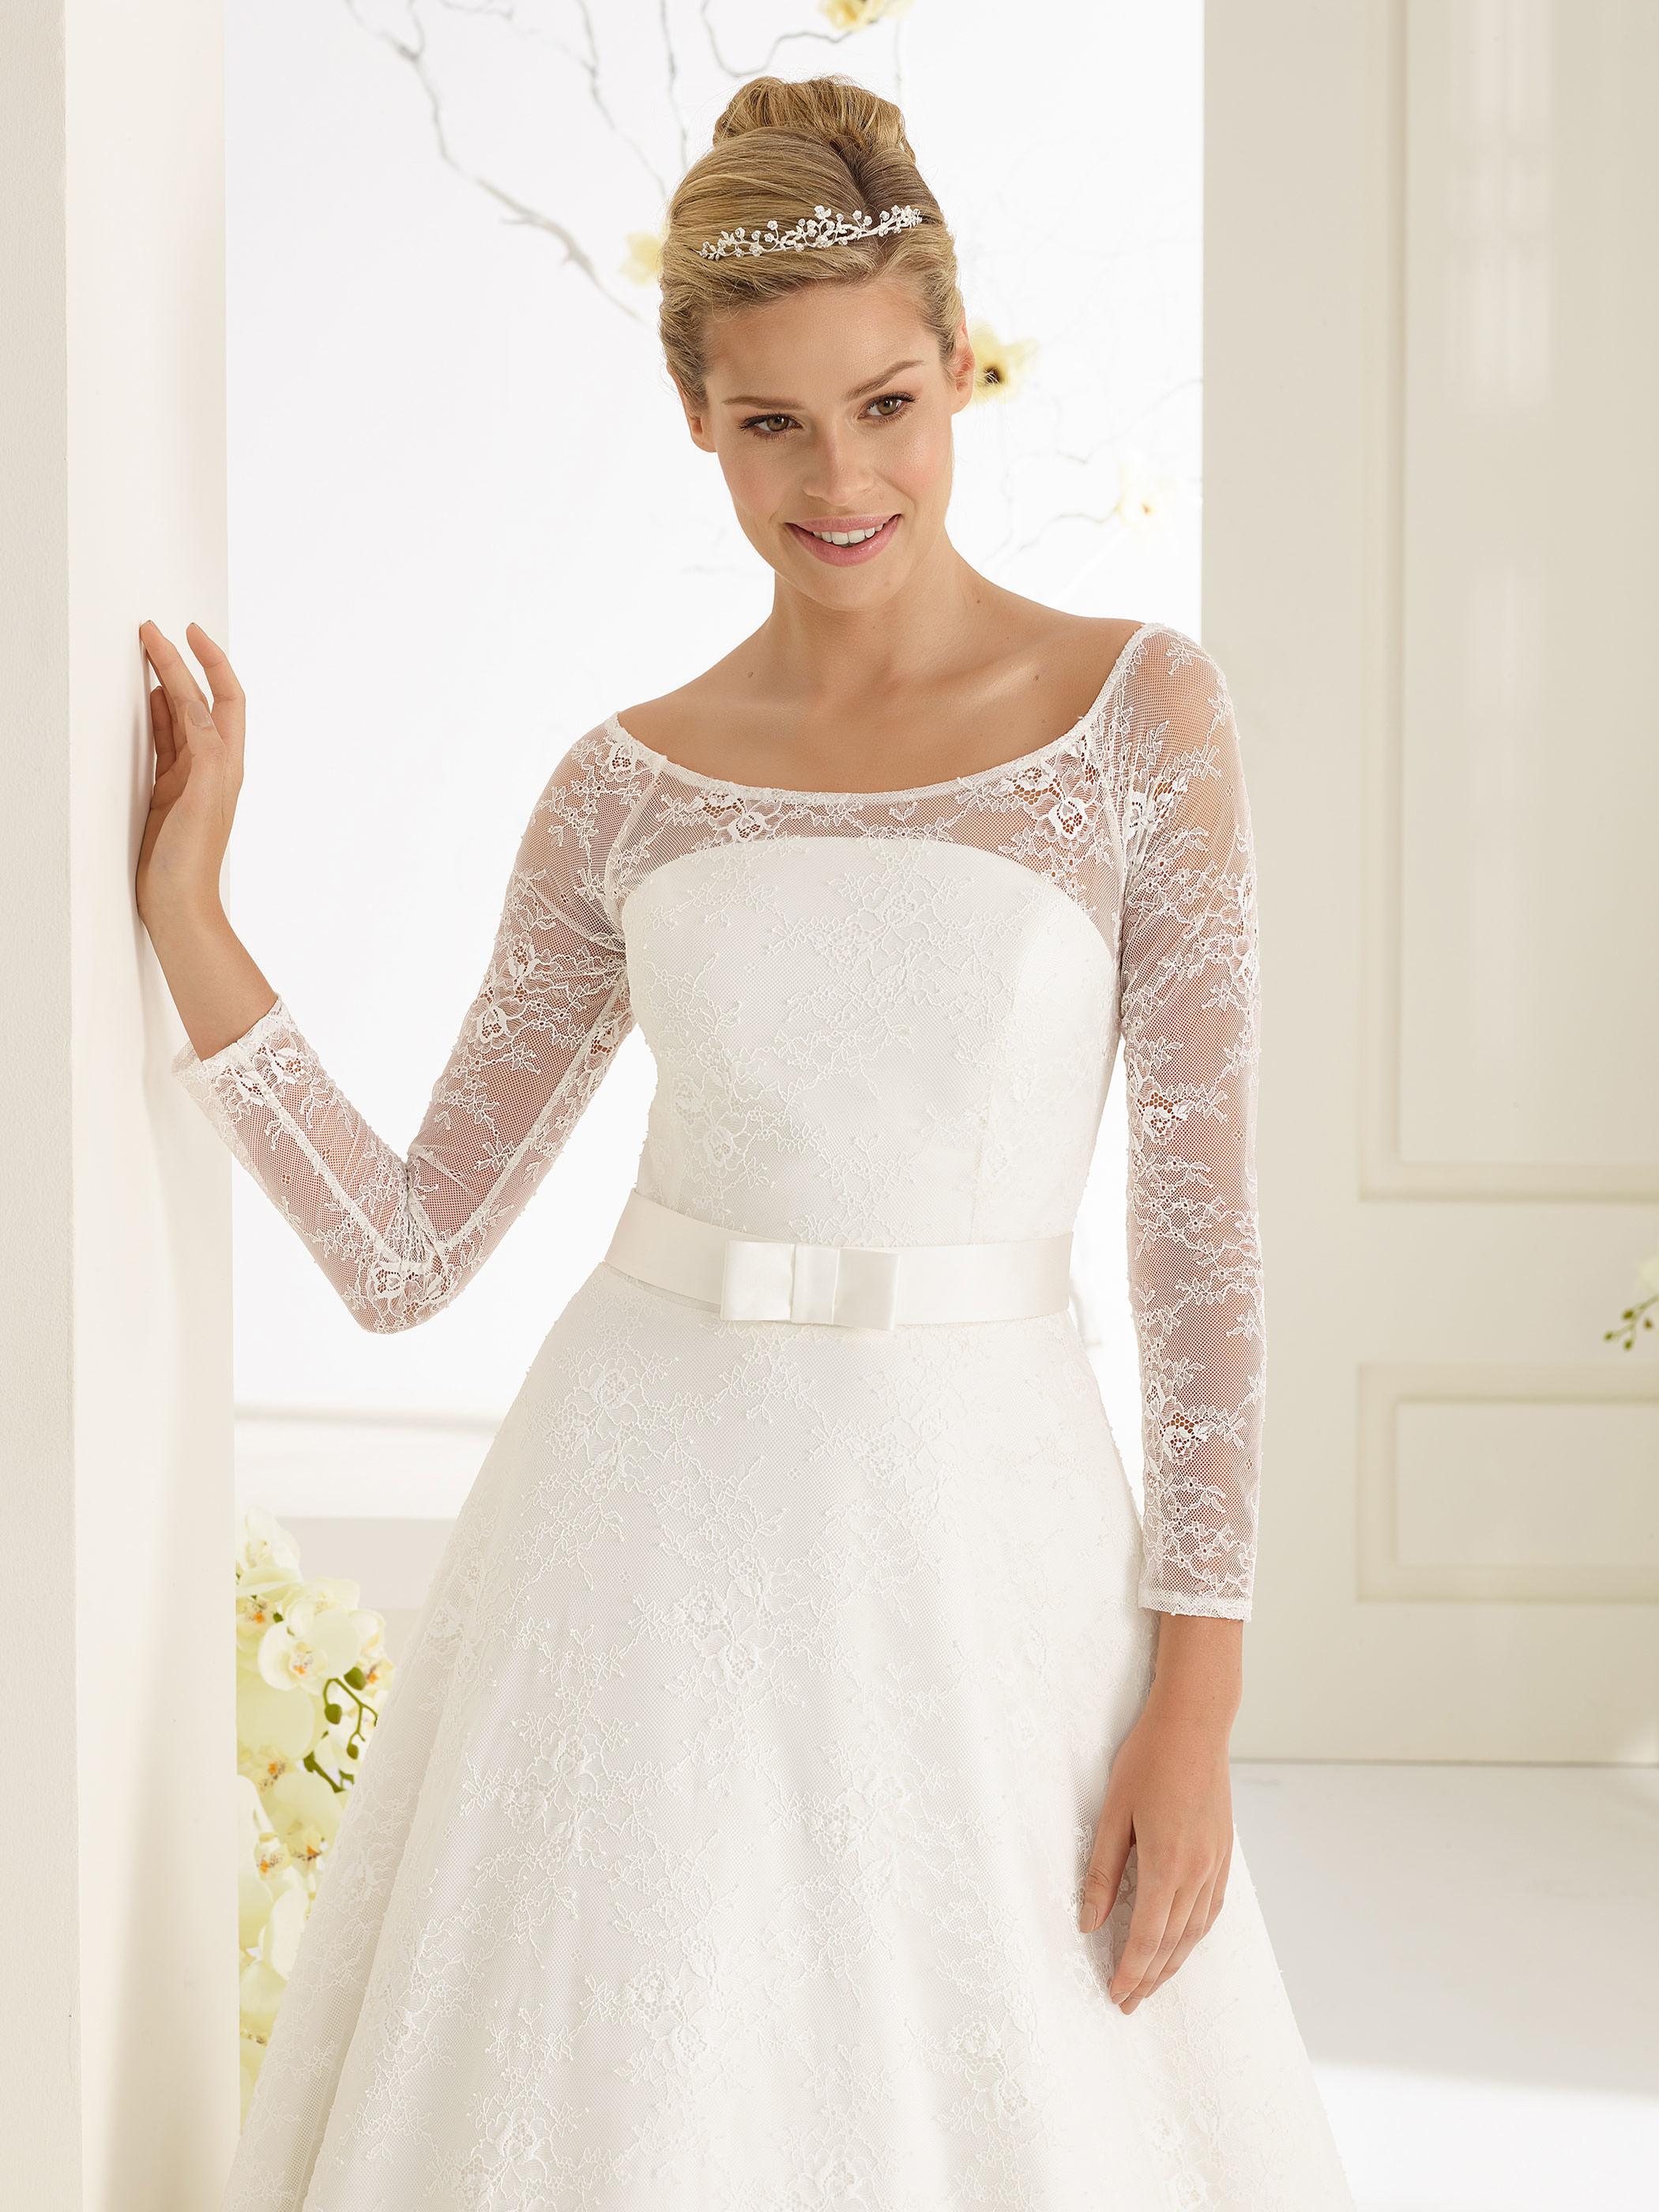 Edles Brautkleid mit langen Ärmeln  Samyra Fashion